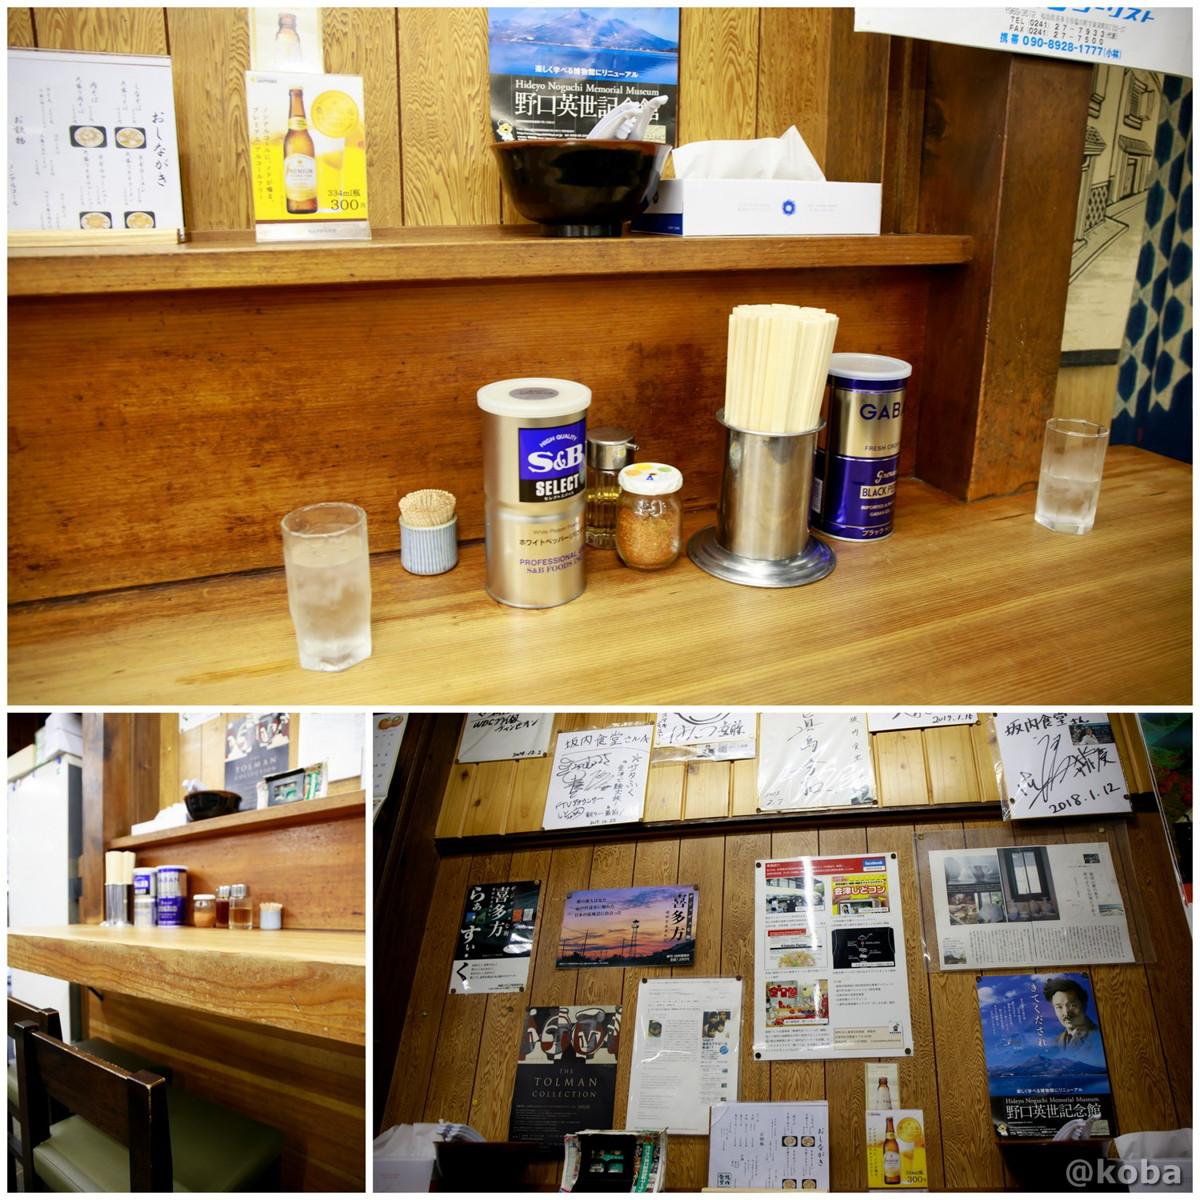 カウンター席の写真│坂内食堂(ばんないしょくどう)本店 らーめん│福島県 喜多方ブログ